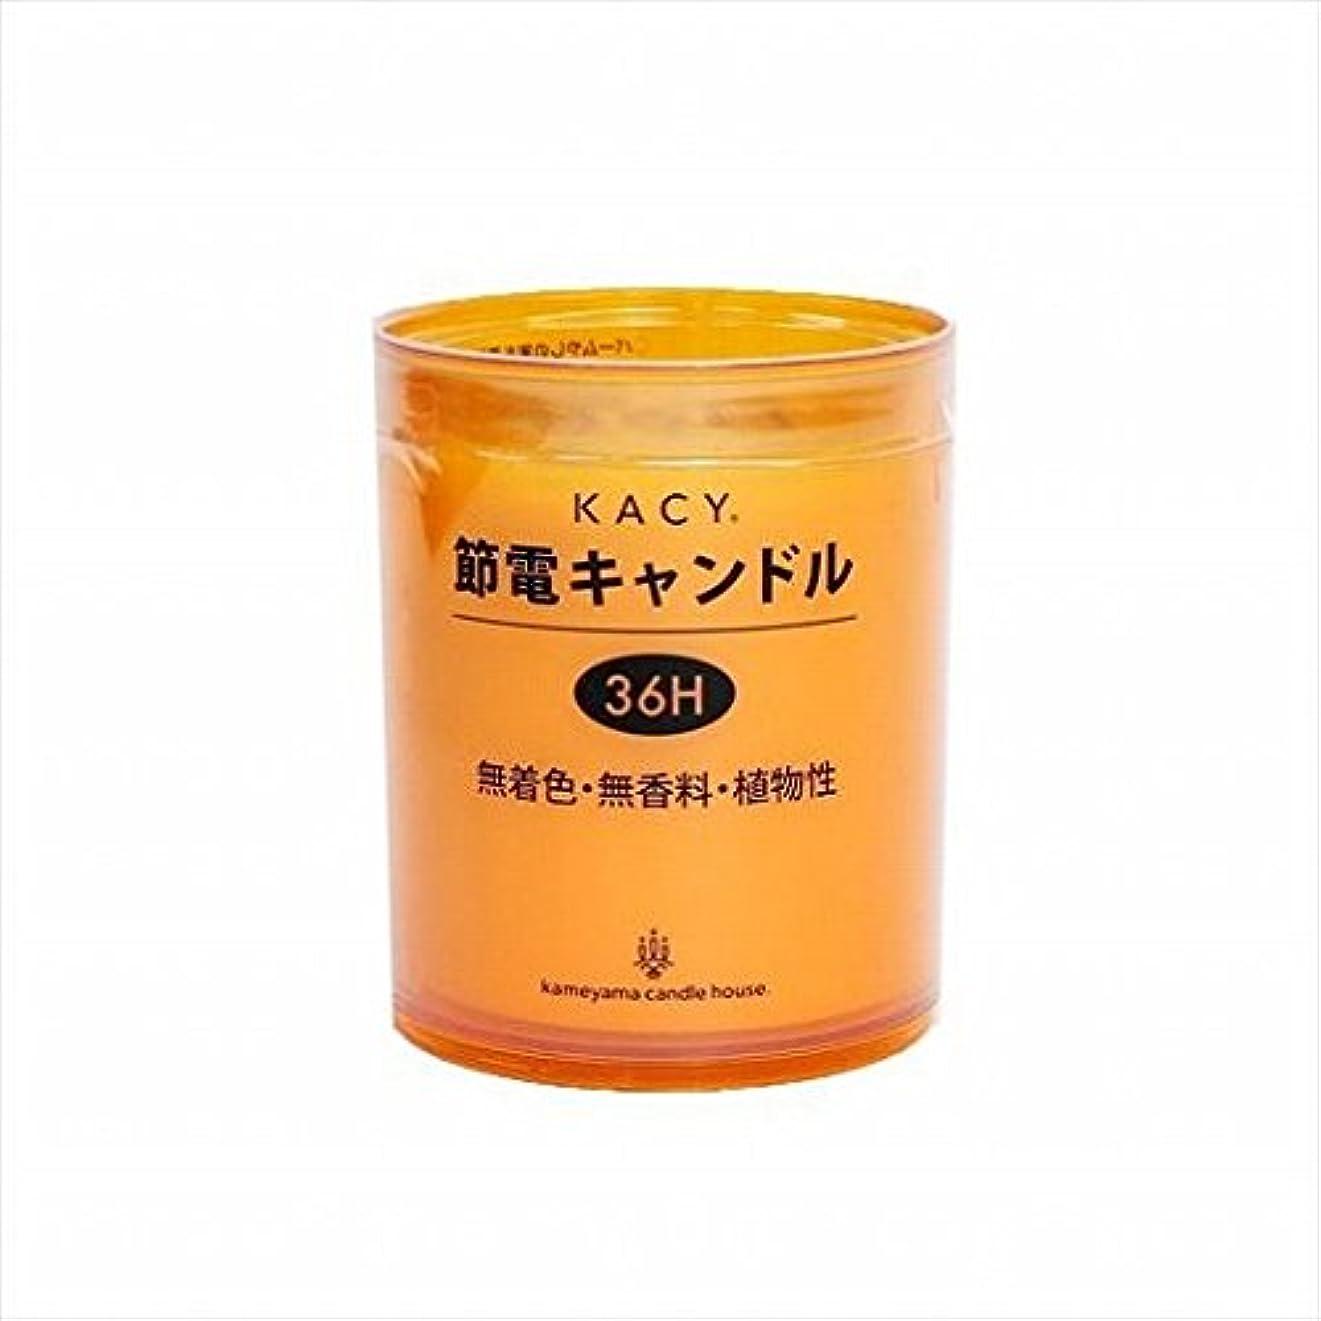 無臭真実海嶺kameyama candle(カメヤマキャンドル) 節電キャンドル 36時間タイプ 「 オレンジ 」 キャンドル 83x83x100mm (A9610010OR)